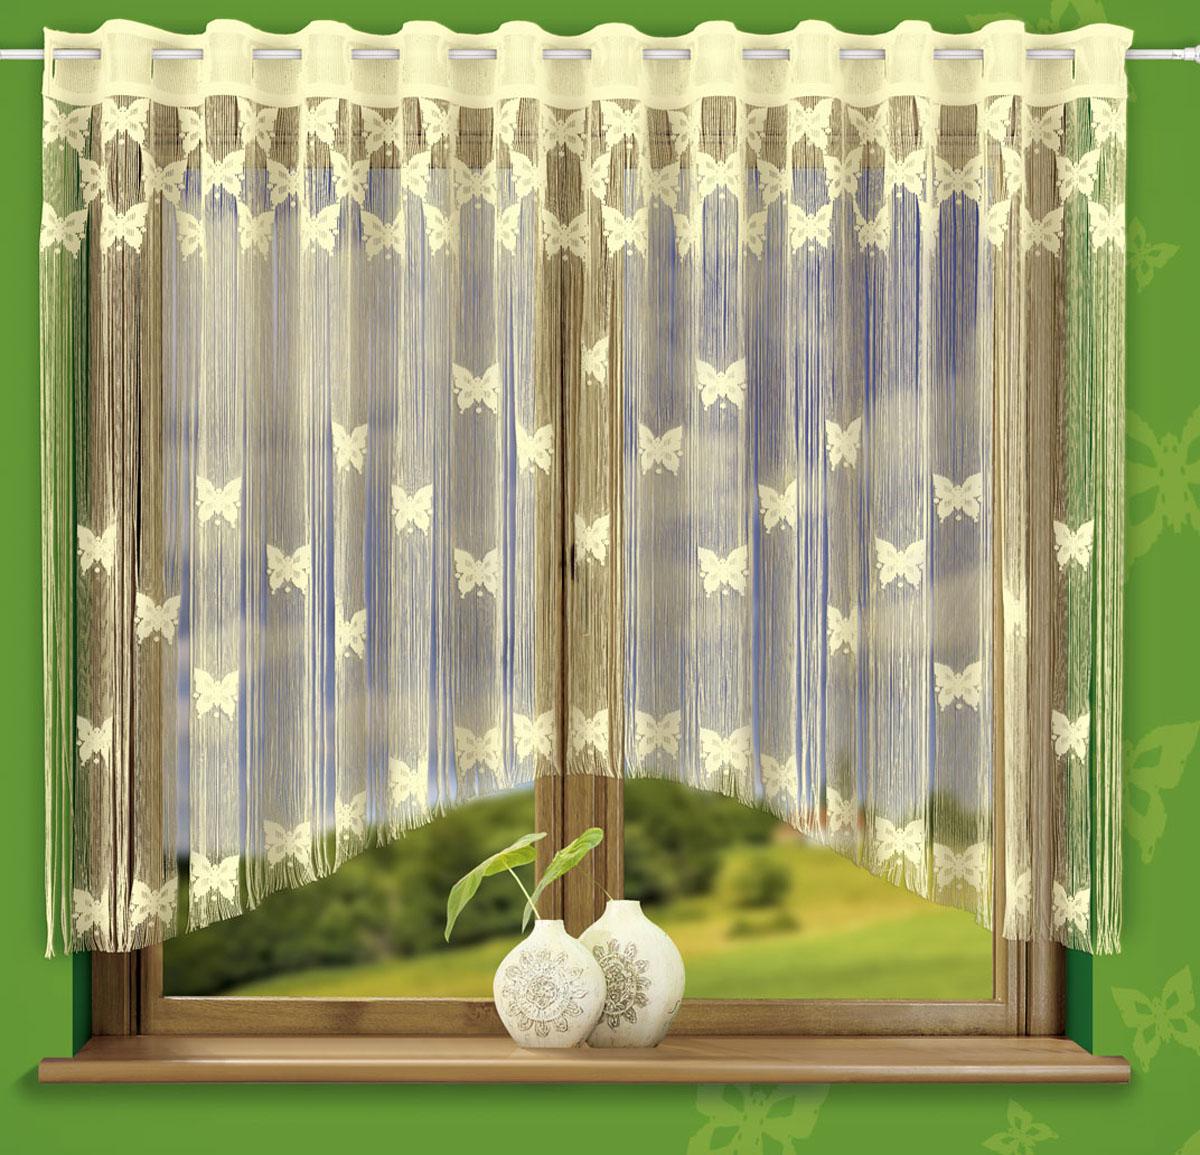 Гардина-лапша Wisan Motylki, на петлях, цвет: кремовый, высота 160 см722549Гардина-лапша Wisan Motylki, изготовленная из высококачественного полиэстера, станет великолепным украшением любого окна. Оригинальный дизайн и нежная цветовая гамма привлекут к себе внимание и органично впишутся в интерьер комнаты. Красивое оформление изделия внесет разнообразие и подарит заряд положительного настроения. Гардина-лапша оснащена петлями для крепления на круглый карниз.Высота петли: 6,5 см.